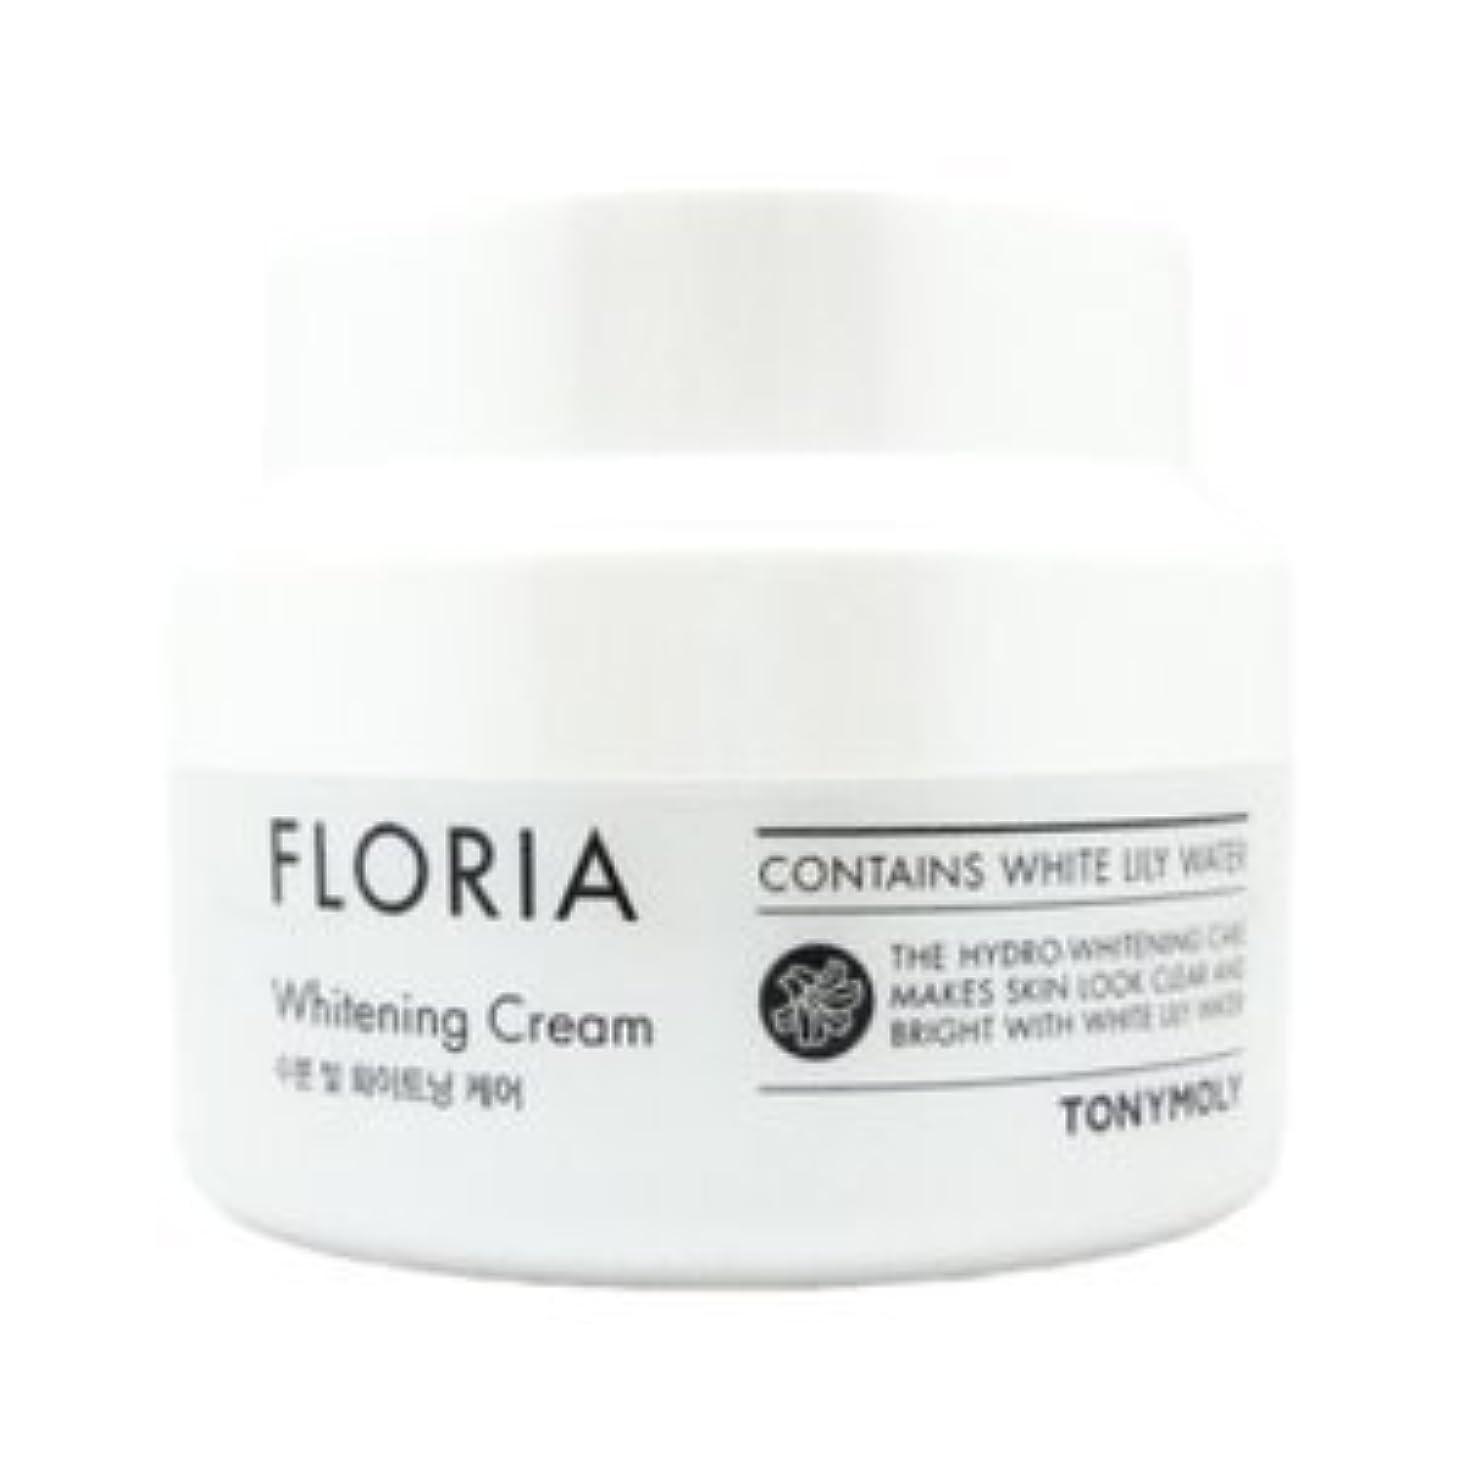 エンジニア三角形プロジェクターTONYMOLY Floria Whitening Cream 60ml/トニーモリー フロリア ホワイトニング クリーム 60ml [並行輸入品]